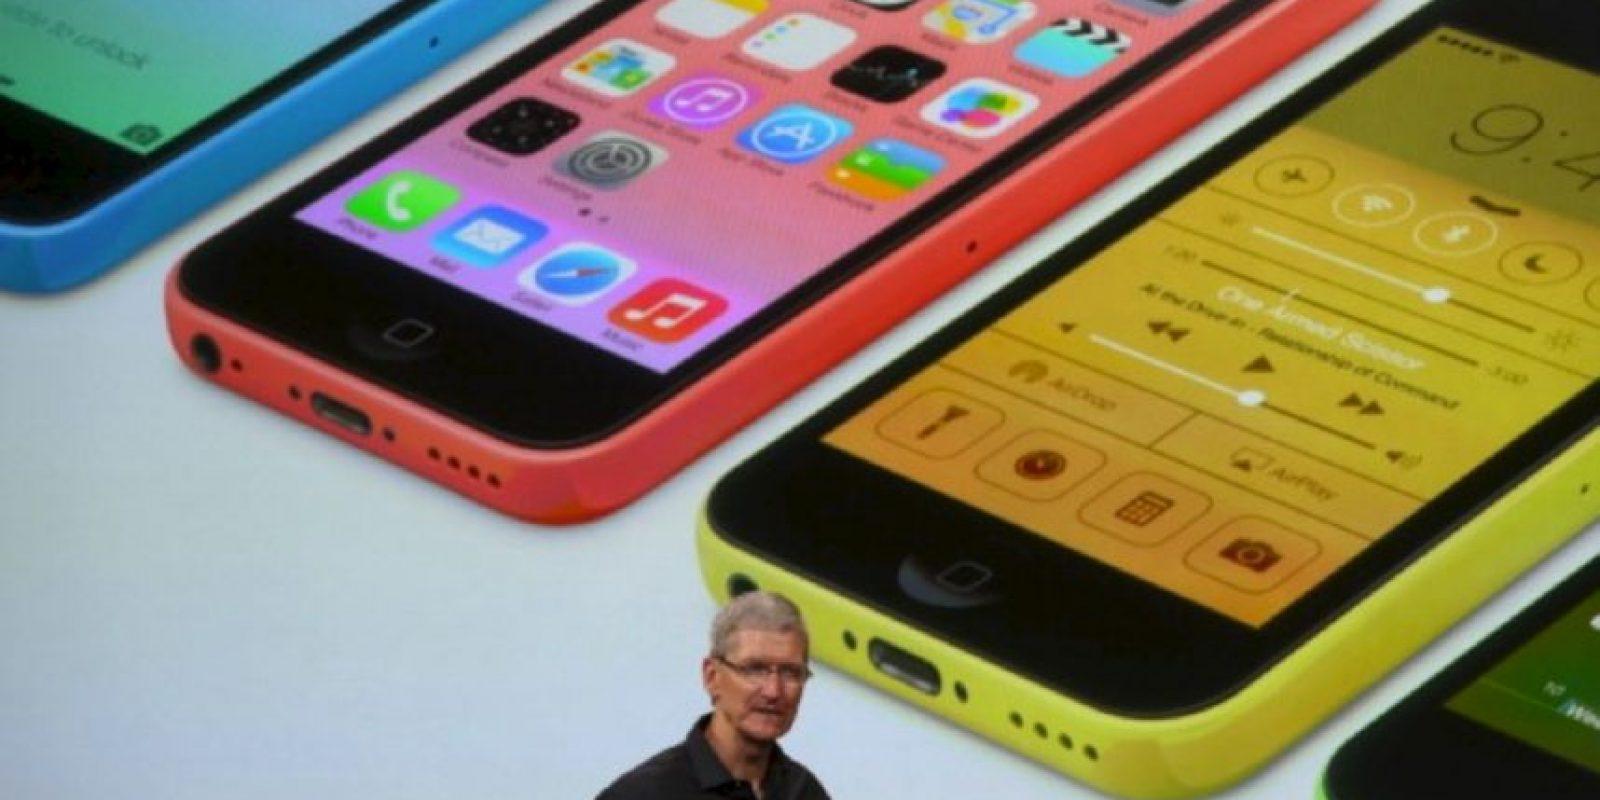 Tim Cook en la presentación del iPhone 5s y iPhone 5c el 10 de septiembre de 2013 Foto:Getty Images